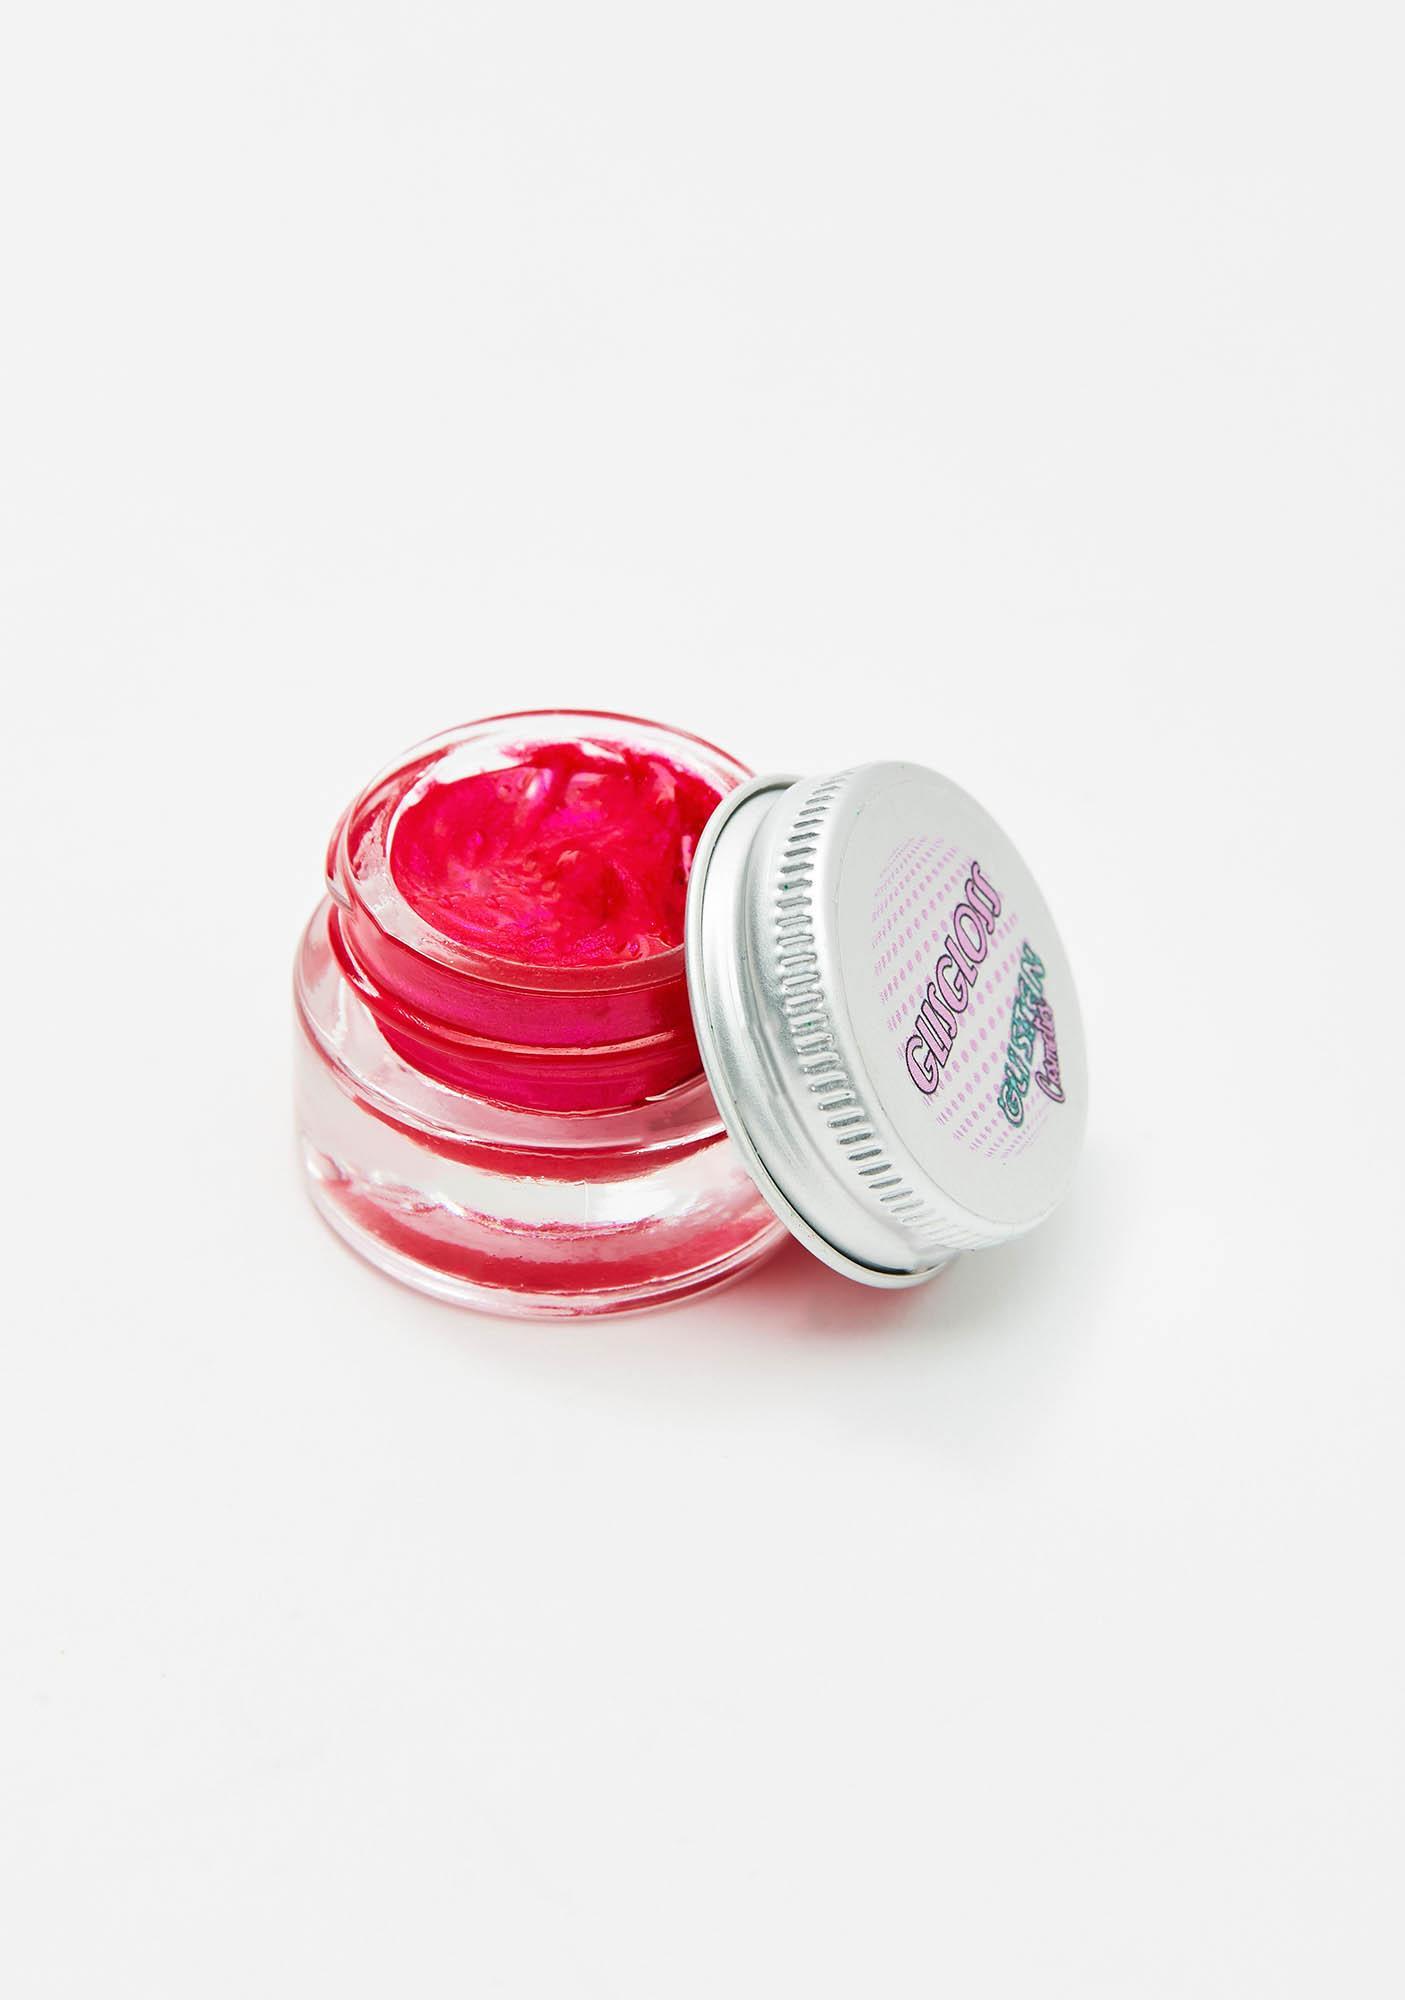 Glisten Cosmetics Glisgloss Cherry